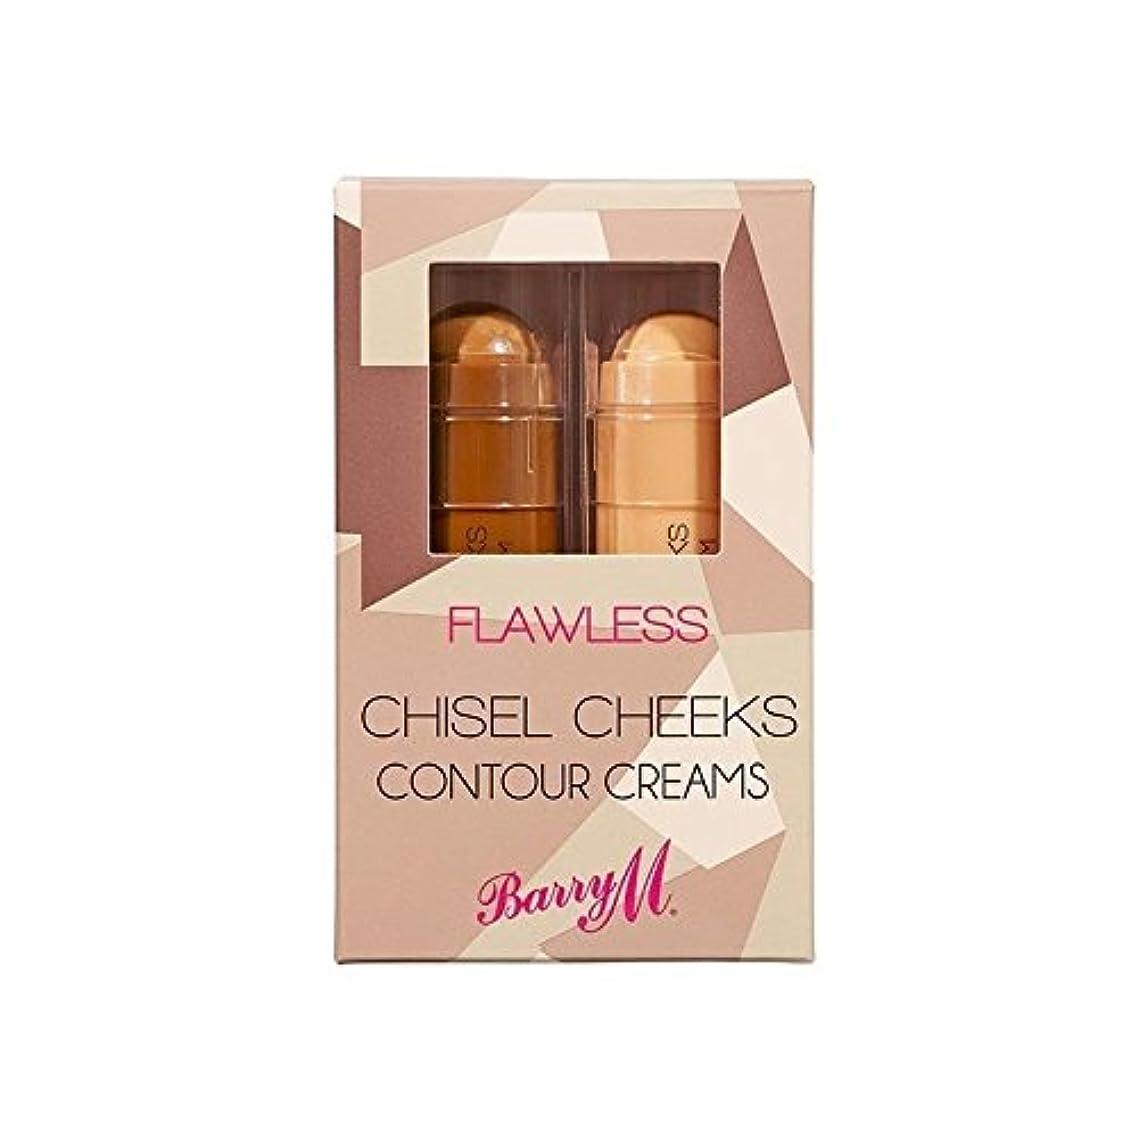 ヘルメットびっくりする批判的にバリーメートルチゼル頬の輪郭クリーム x4 - Barry M Chisel Cheek Contour Creams (Pack of 4) [並行輸入品]